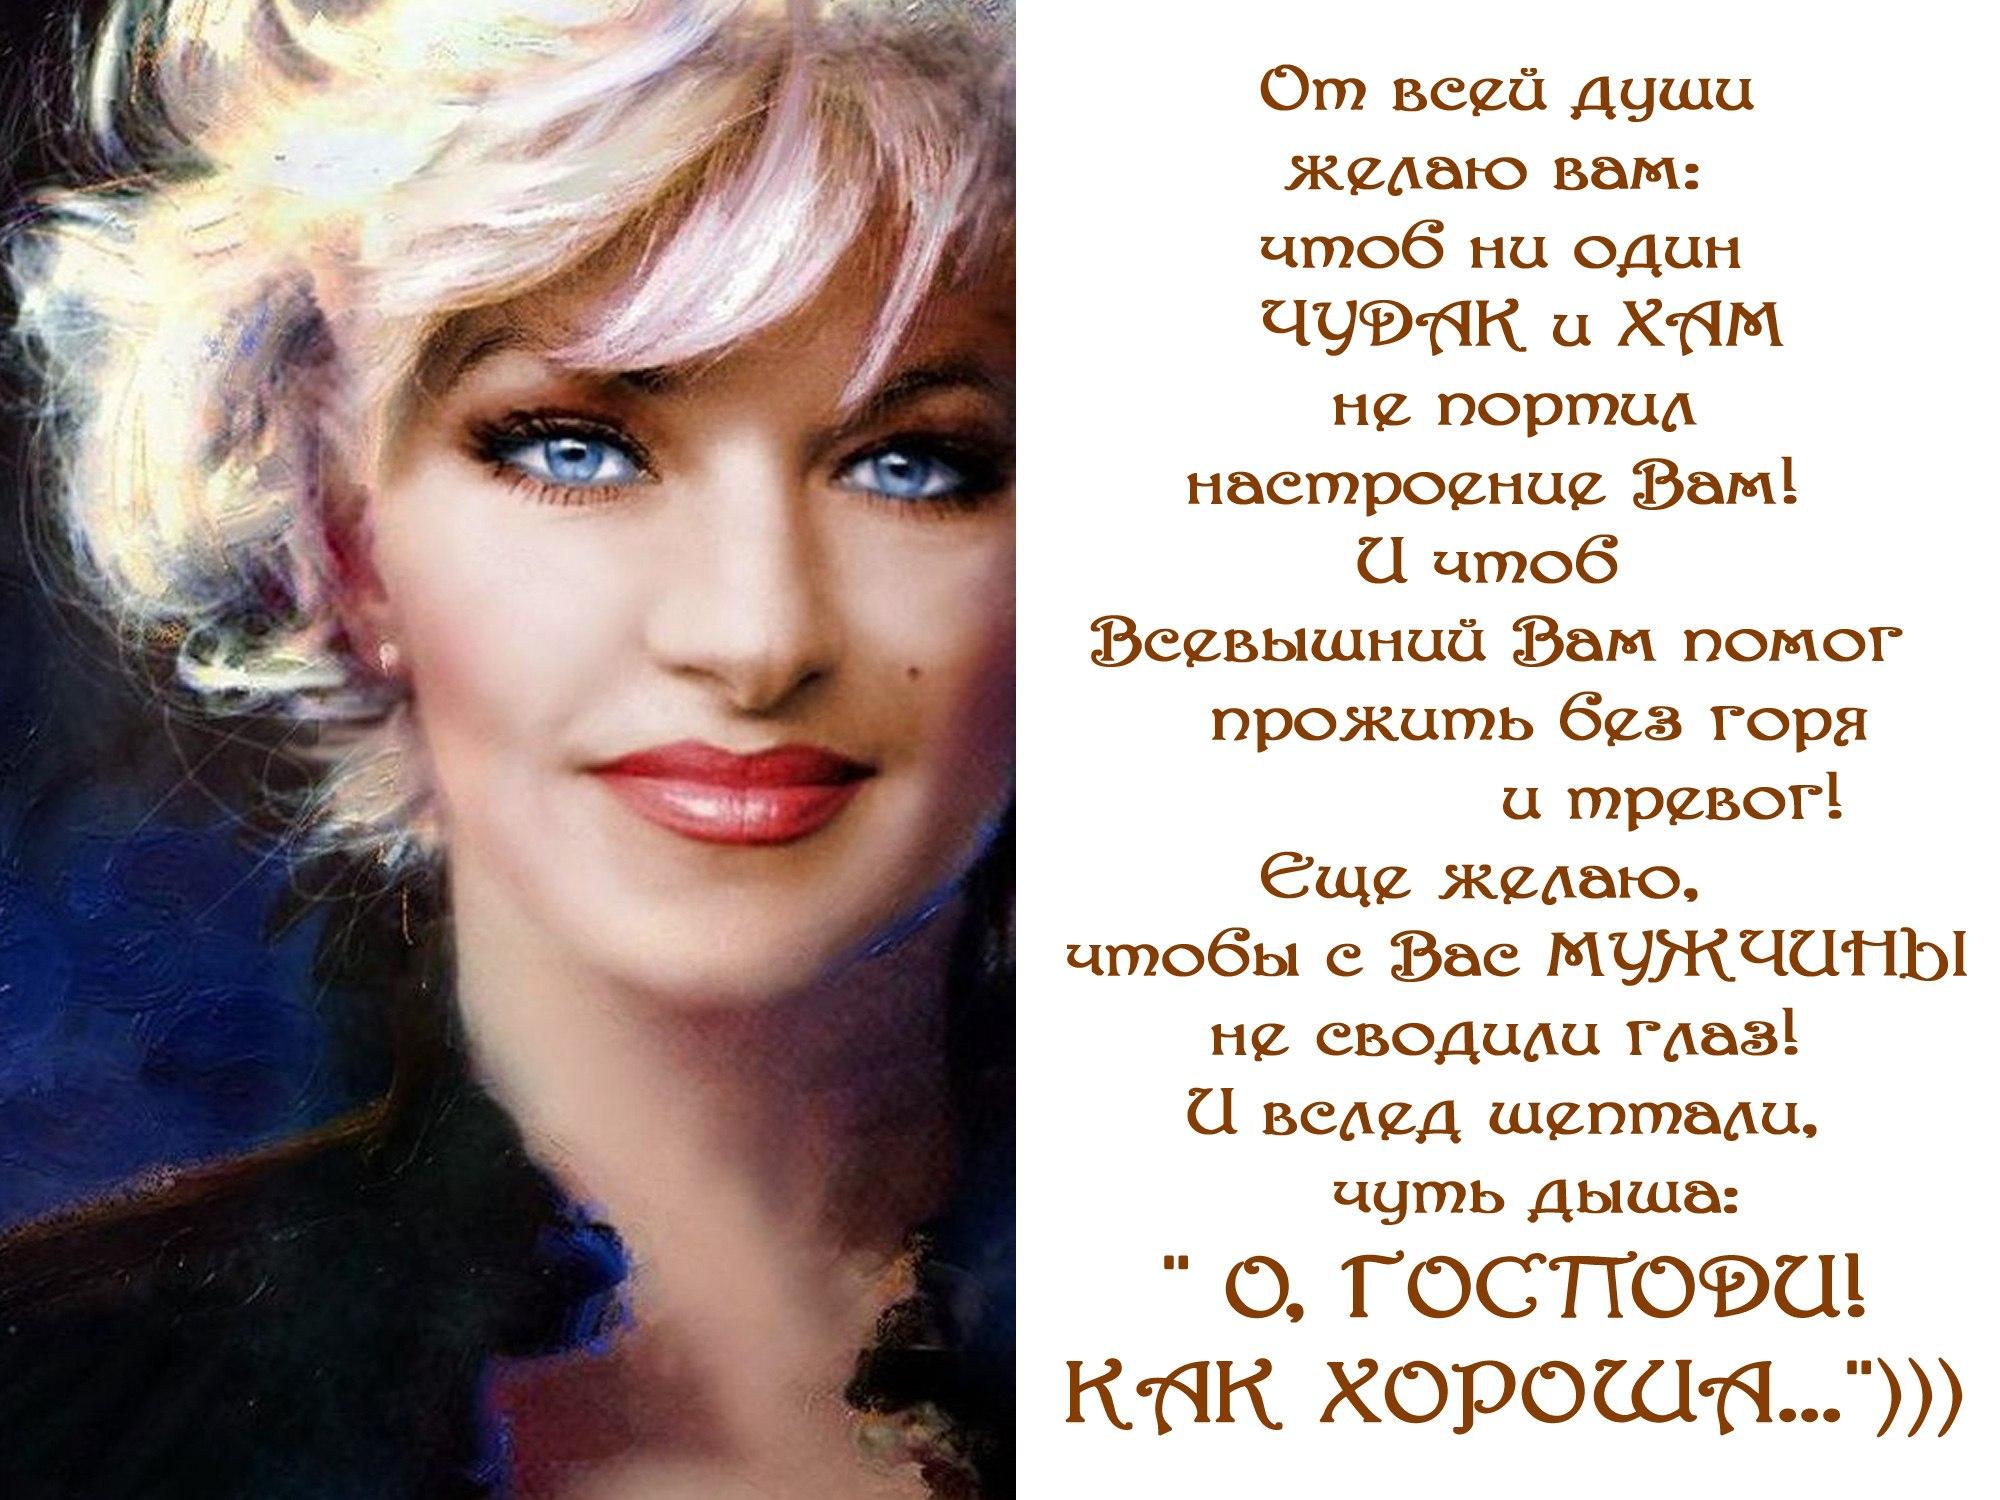 Что будет с савченко надеждой что ее ожидает дальше